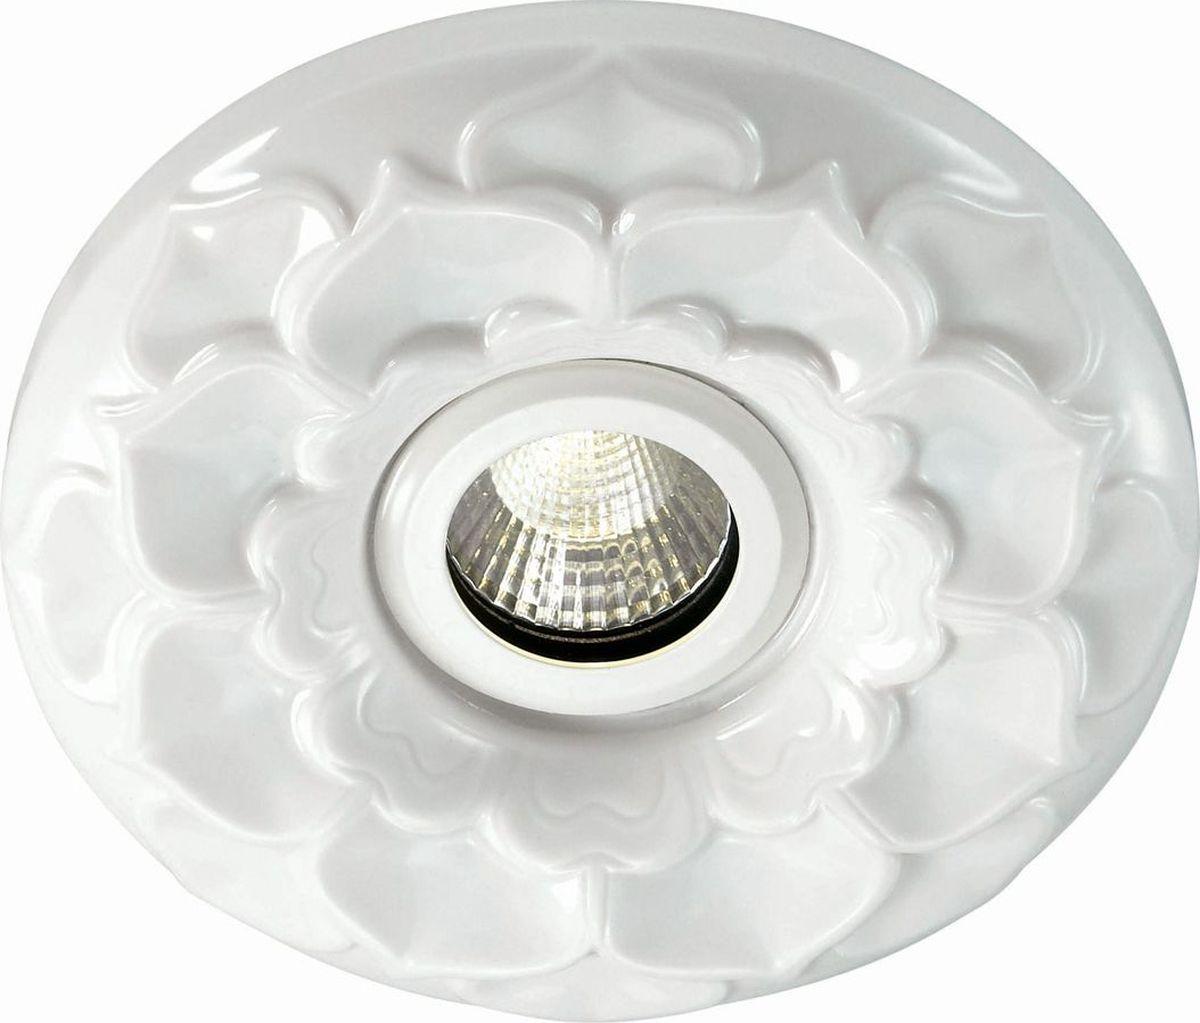 Светильник встраиваемый Novotech Ceramic Led, цвет: белый, LED, 5 Вт. 357349357349